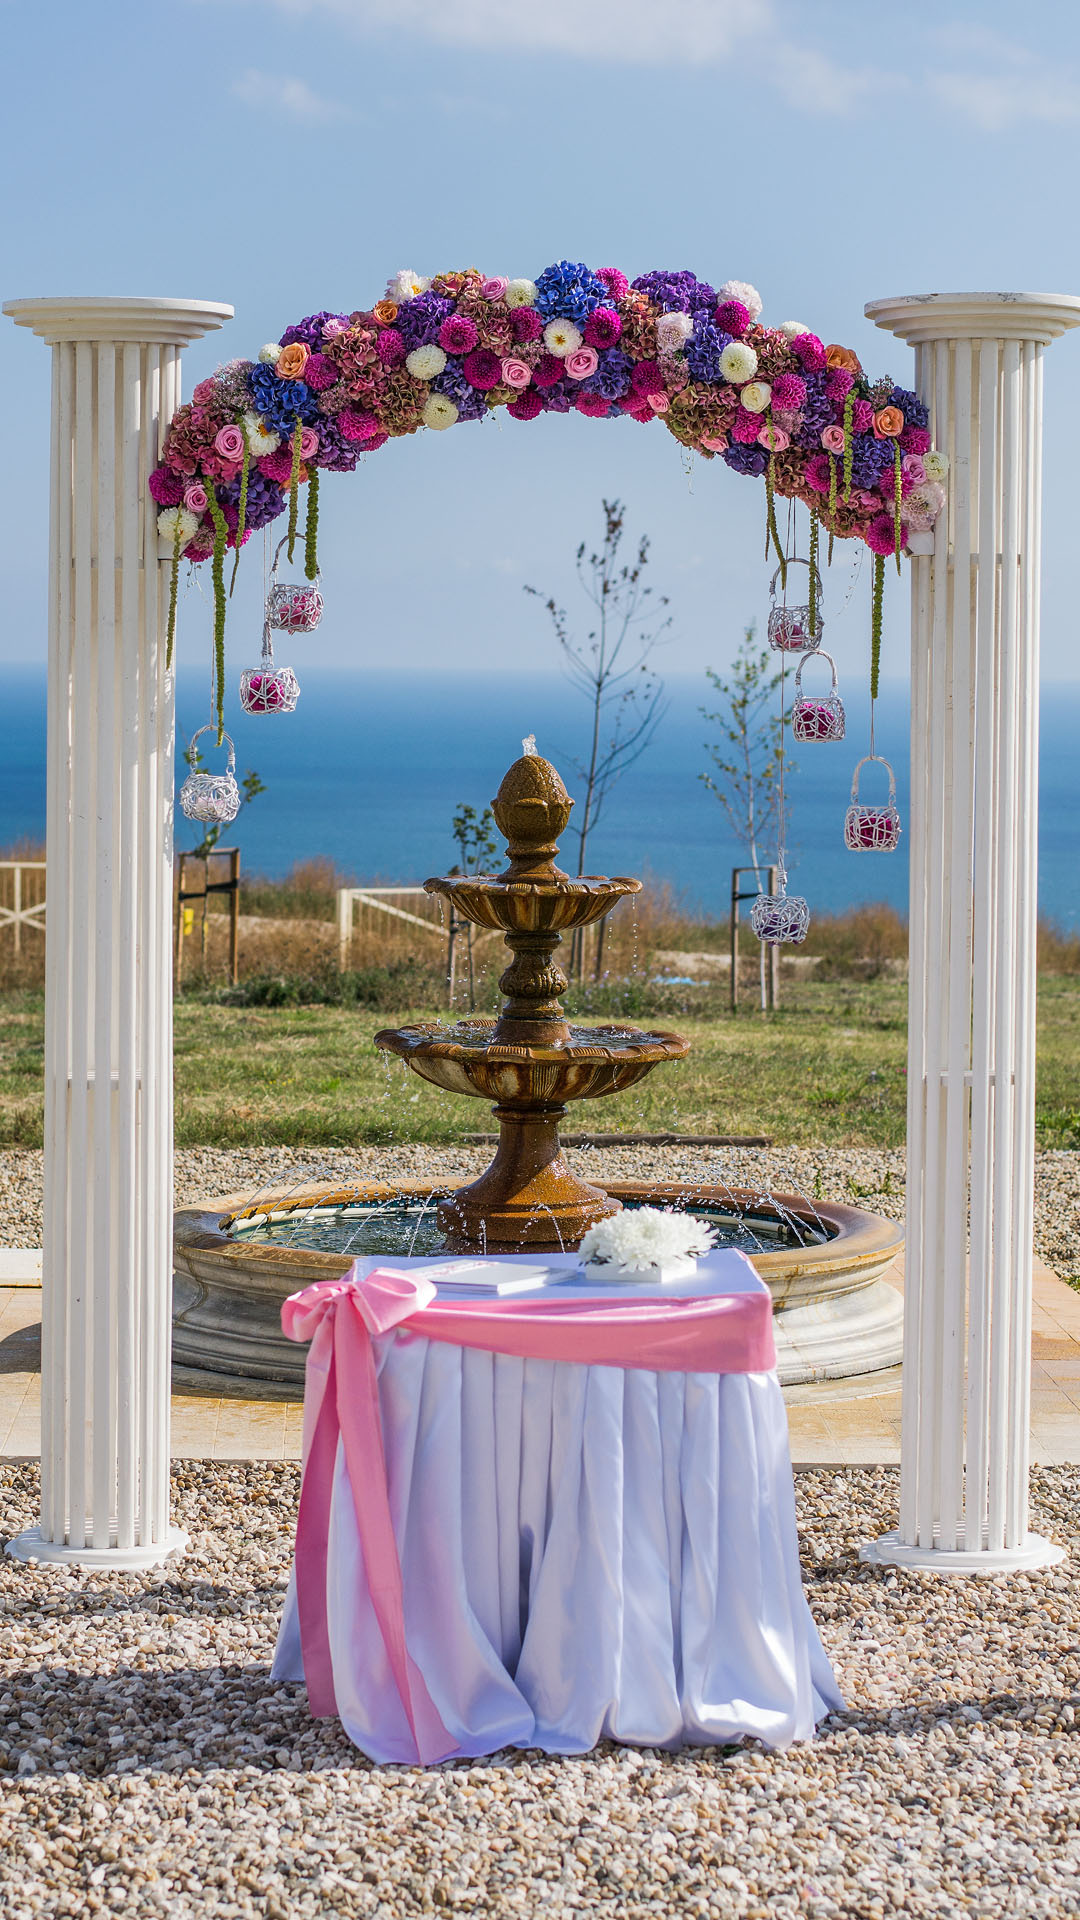 Сватбена декорация на арка за изнесен ритуал